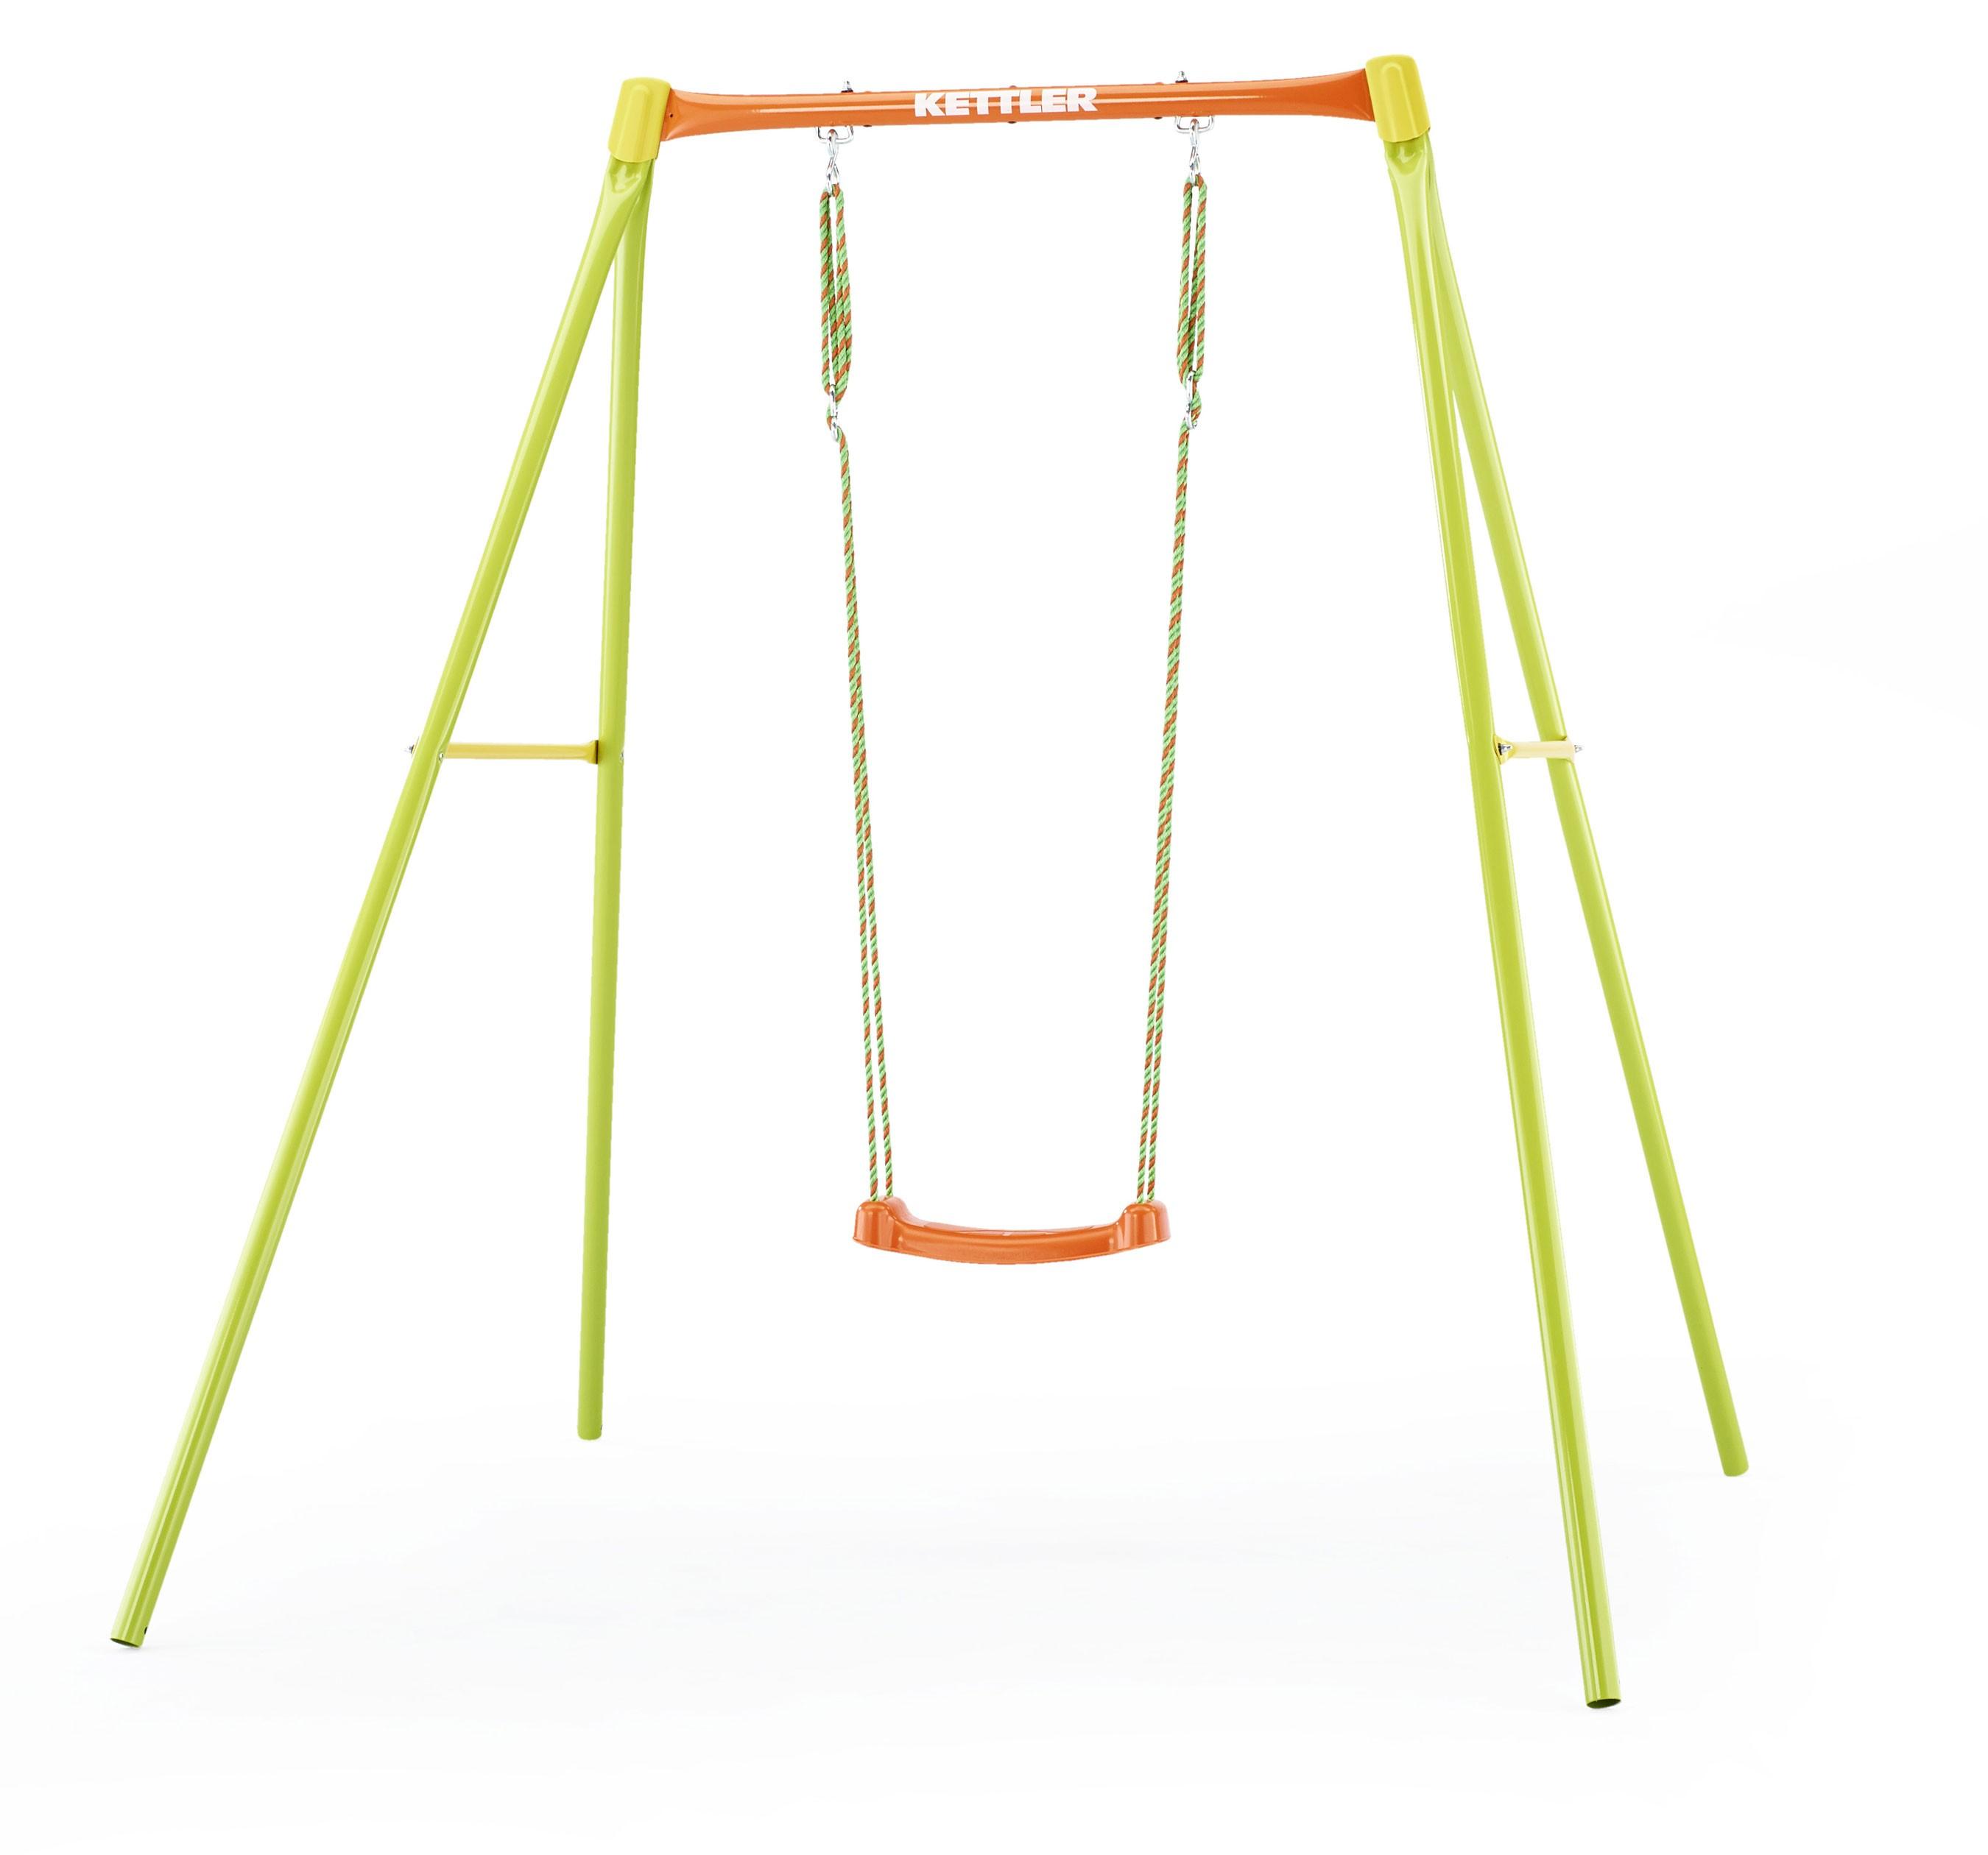 Schaukelgestell / Kinderschaukel Kettler Schaukel 1 0S01031-0000 Bild 1